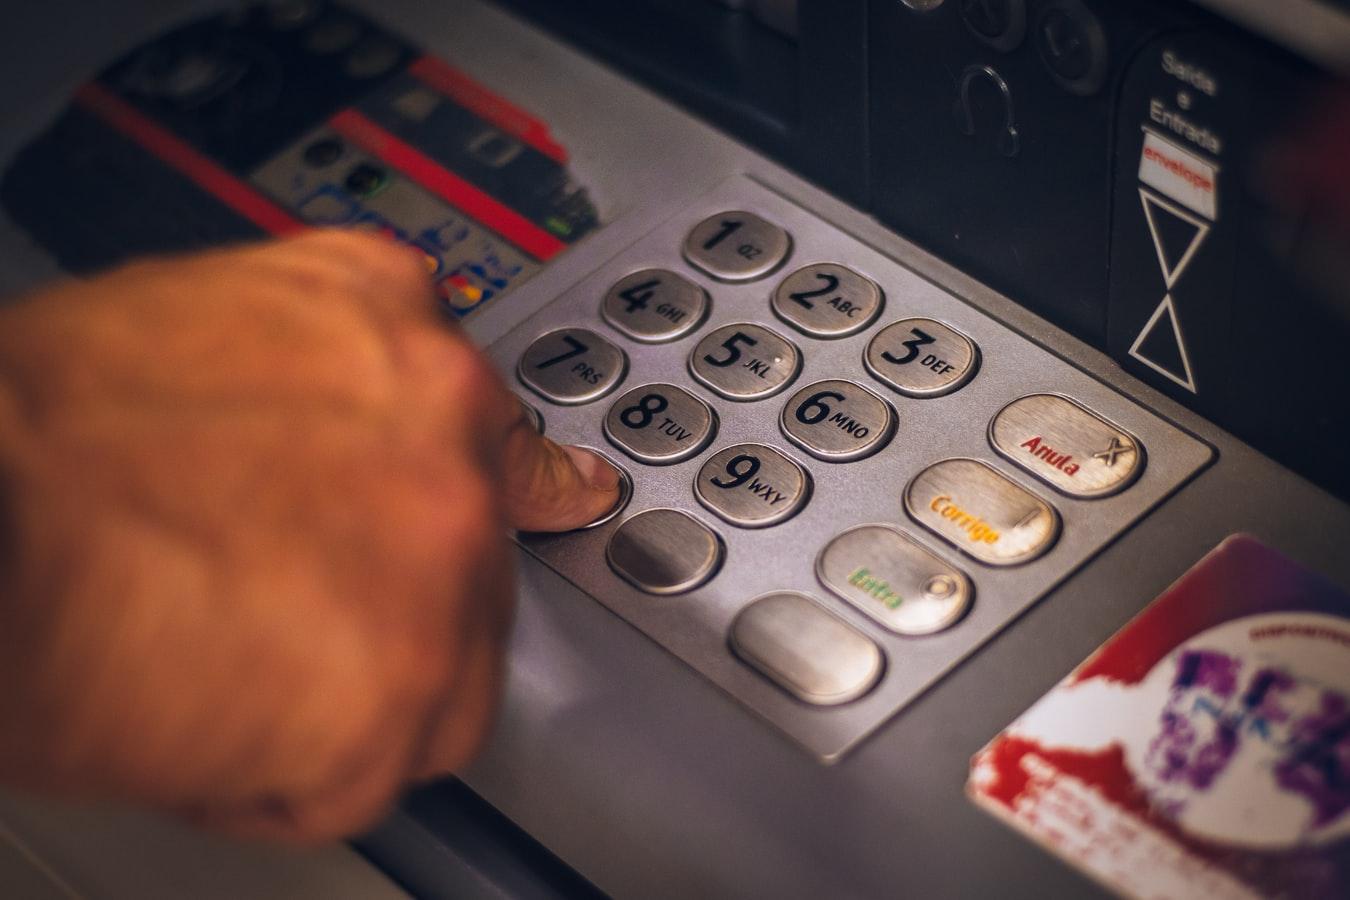 Wpłaty gotówki na konto w Banku BNP Paribas możliwe także we wpłatomatach poza oddziałami